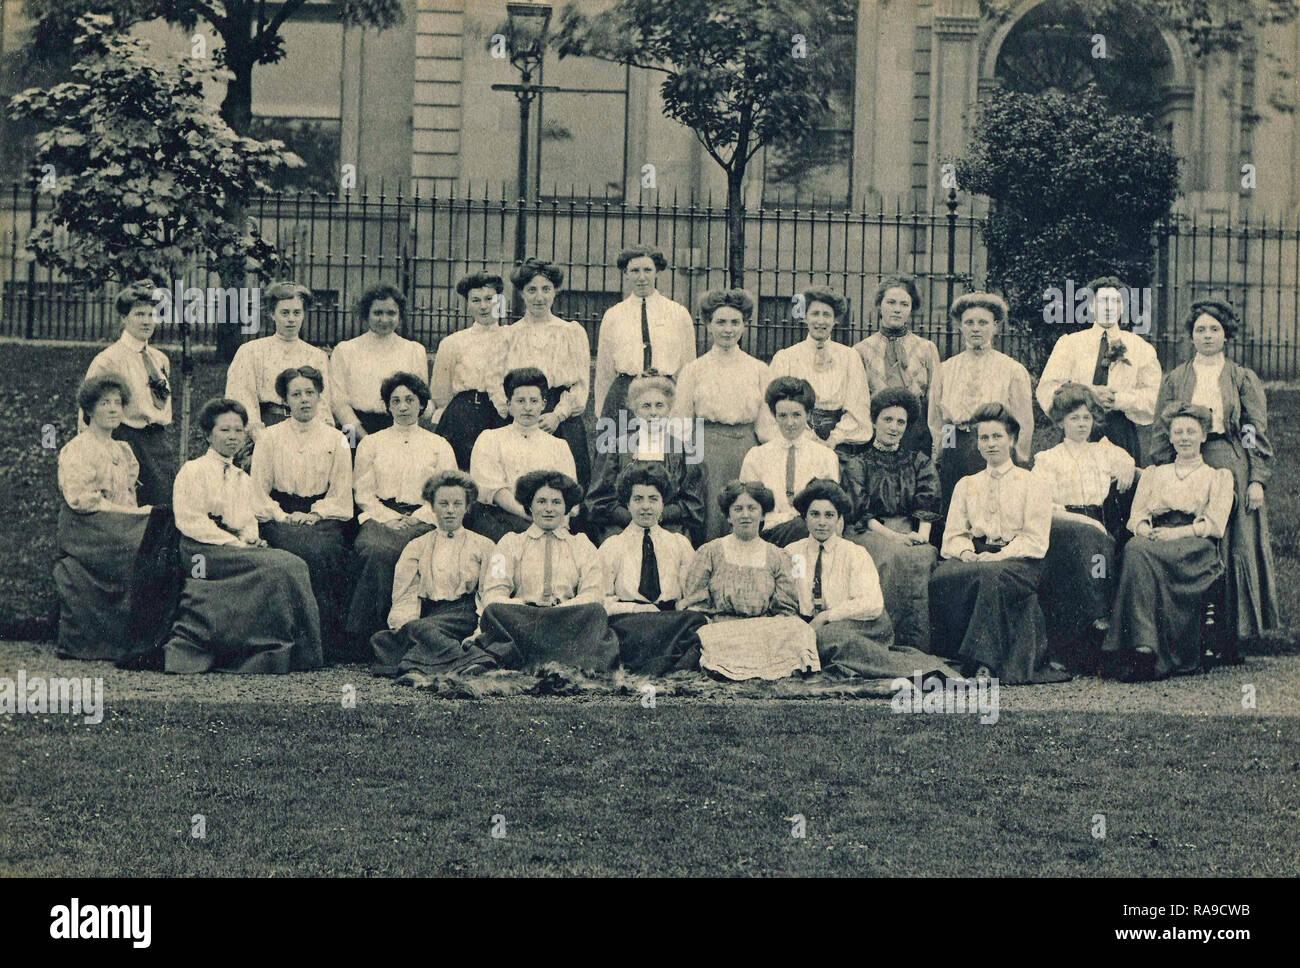 Archivio Storico di immagine, un gruppo di giovani donne, Edimburgo, Scozia, c1910s Immagini Stock